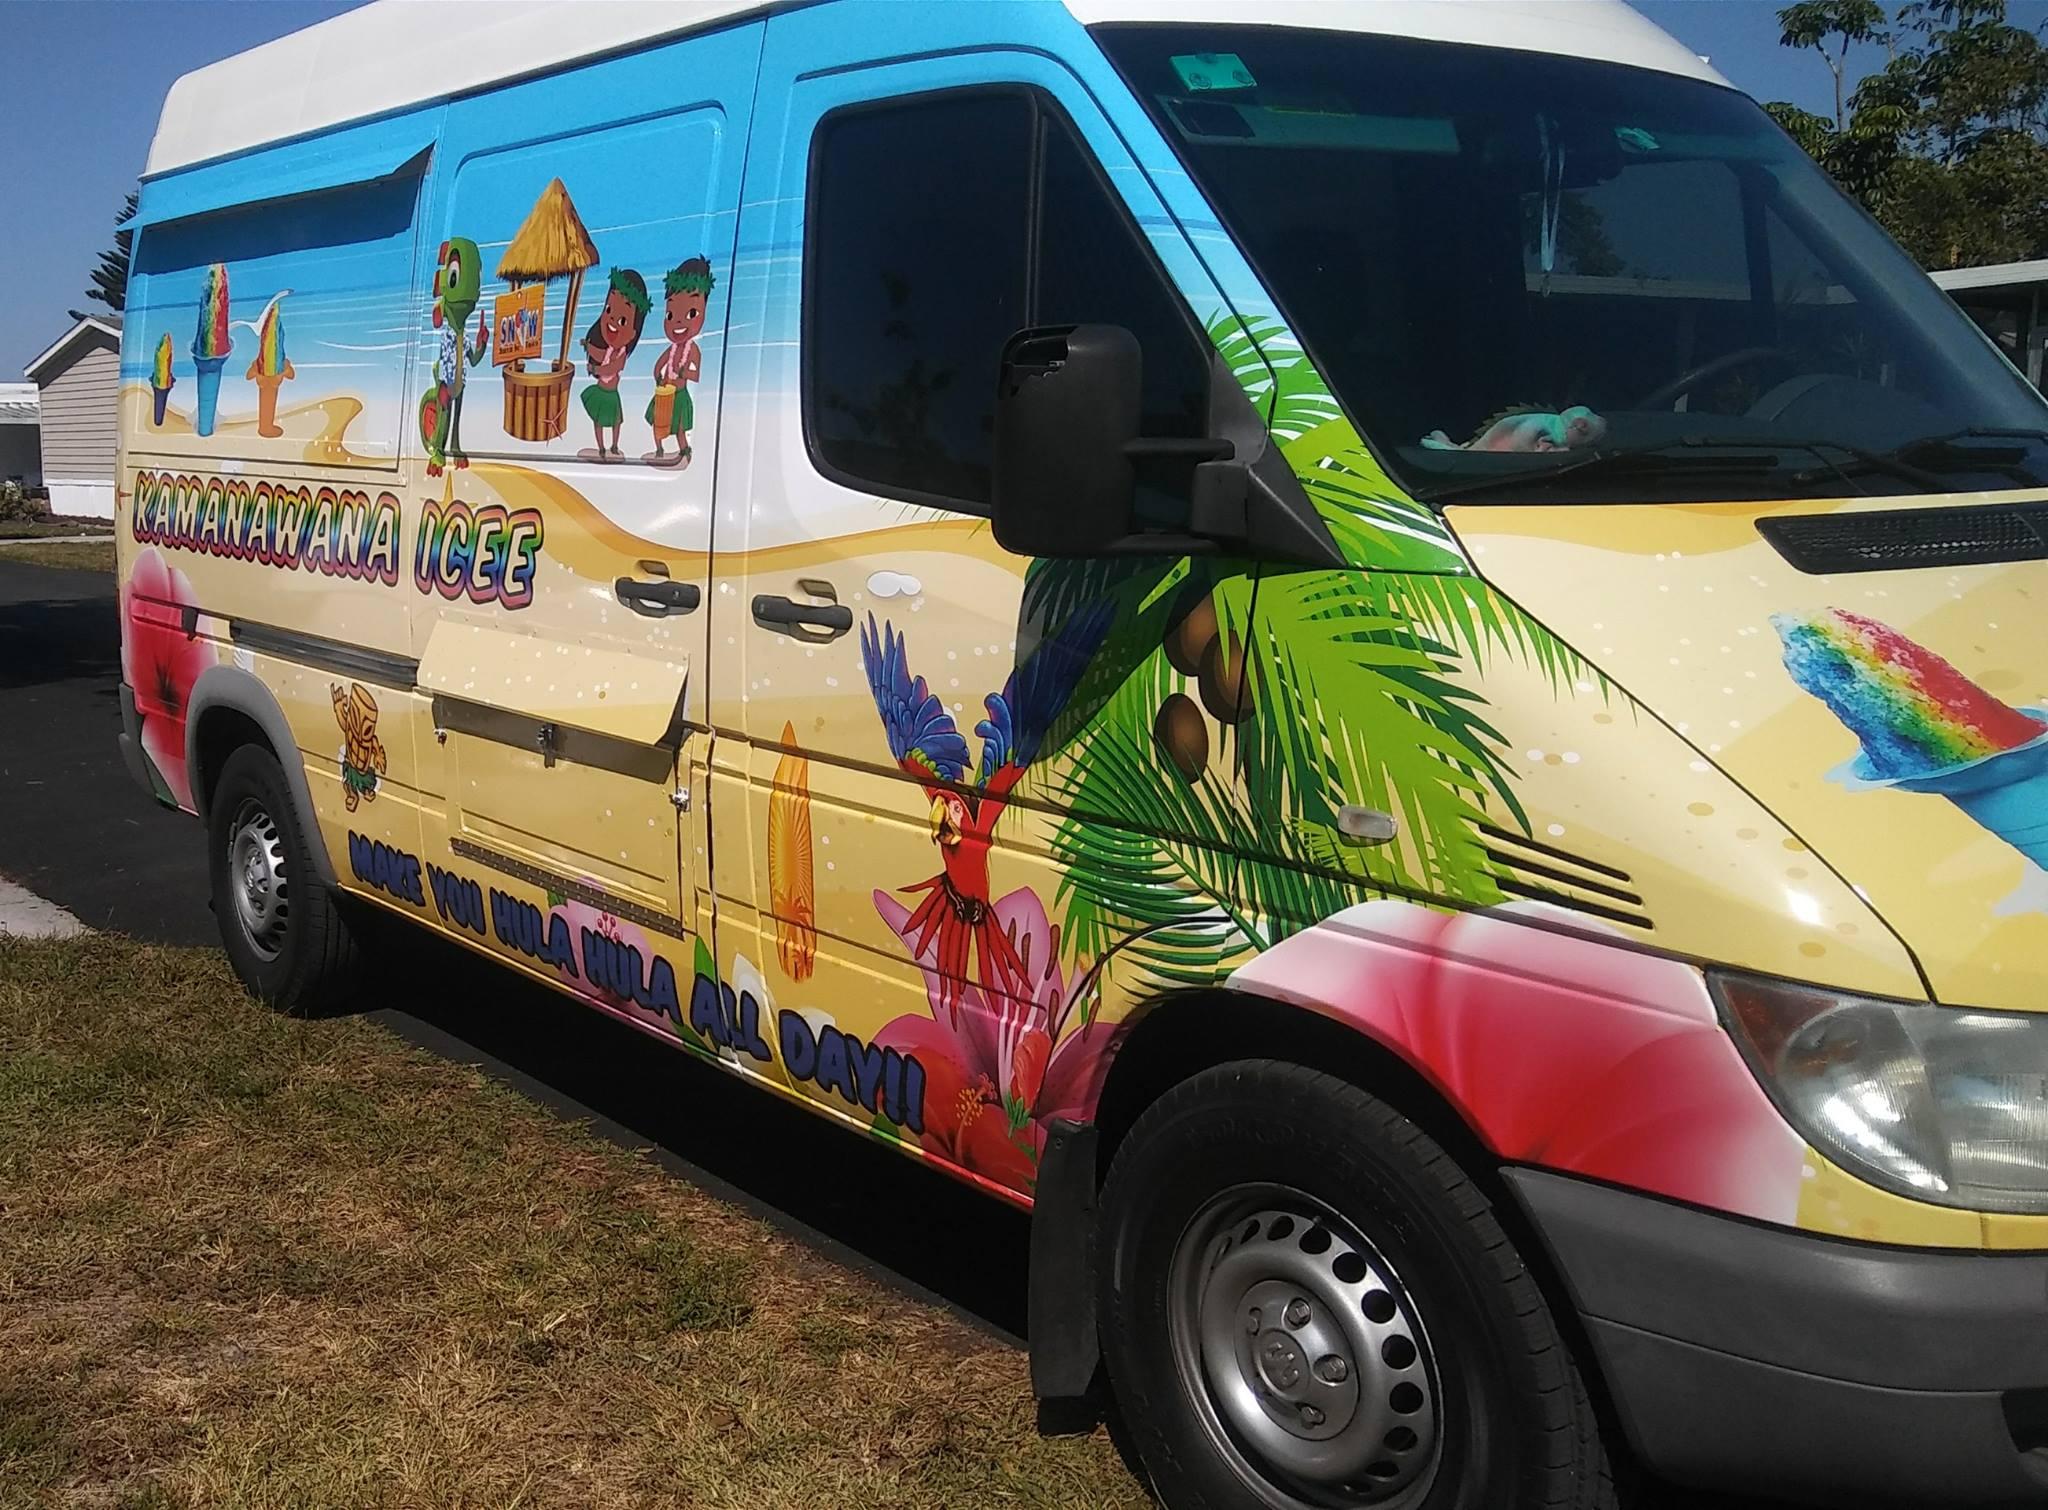 Kamanawana Icee Food Truck